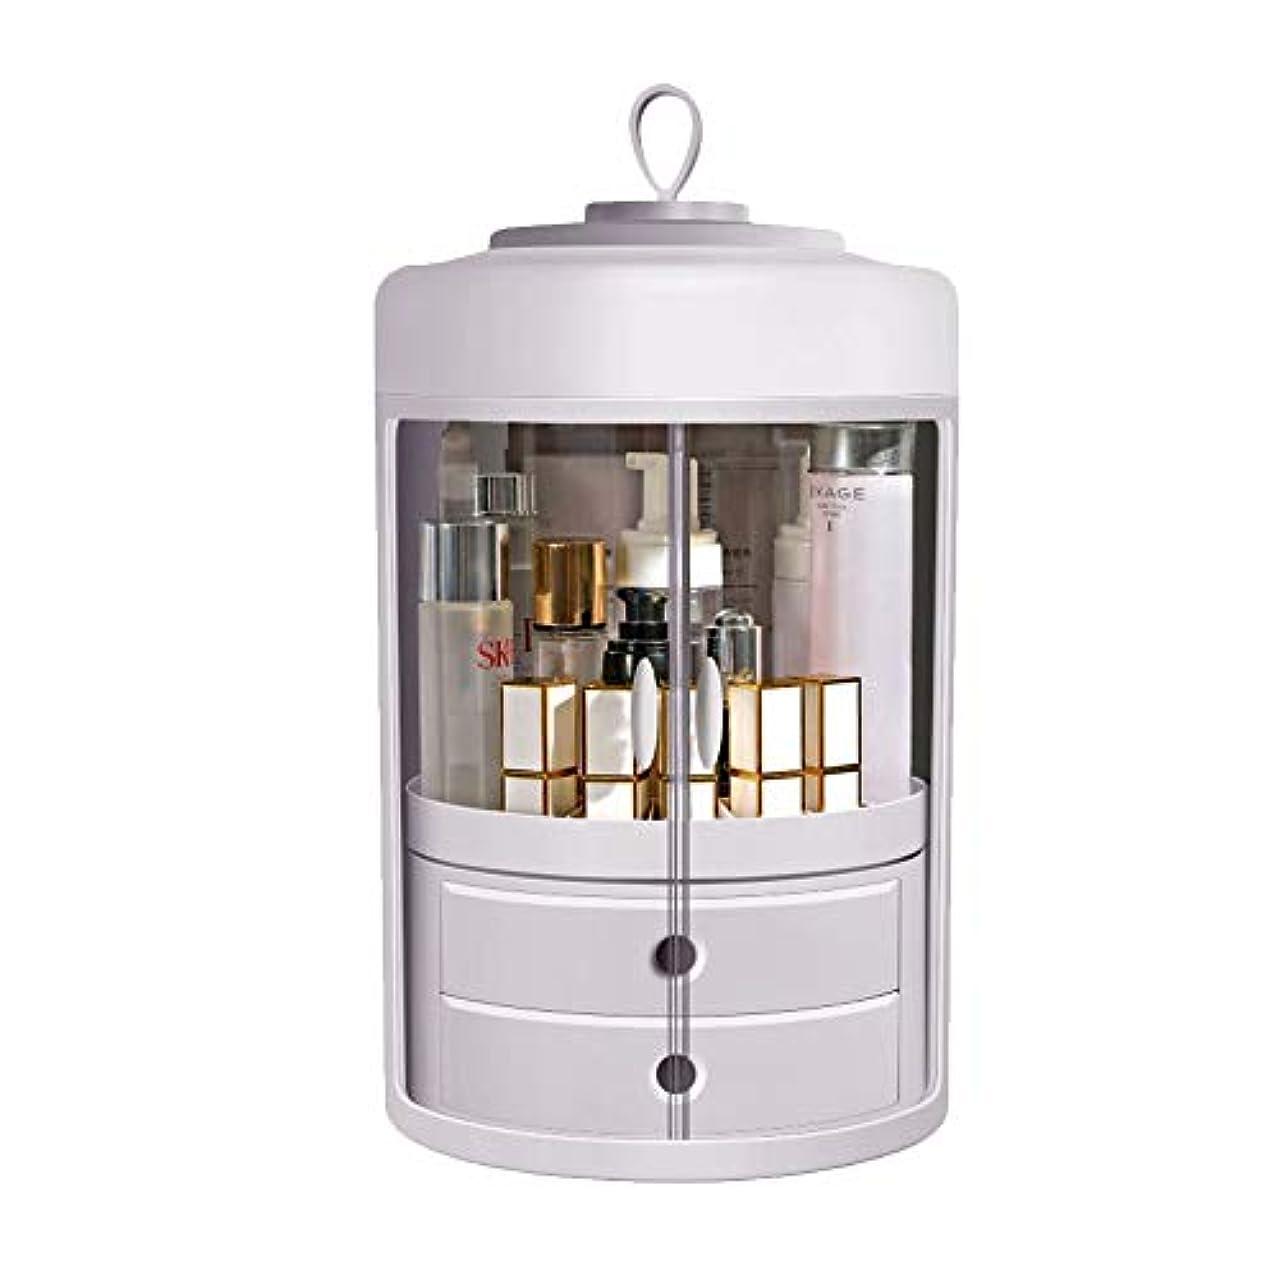 魂再生の慈悲で化粧品収納 コスメ収納ボックス メイクケース 360度回転 防塵 防水 取っ手付き 旅行用 化粧ケース付き 二つ引き出し 透明